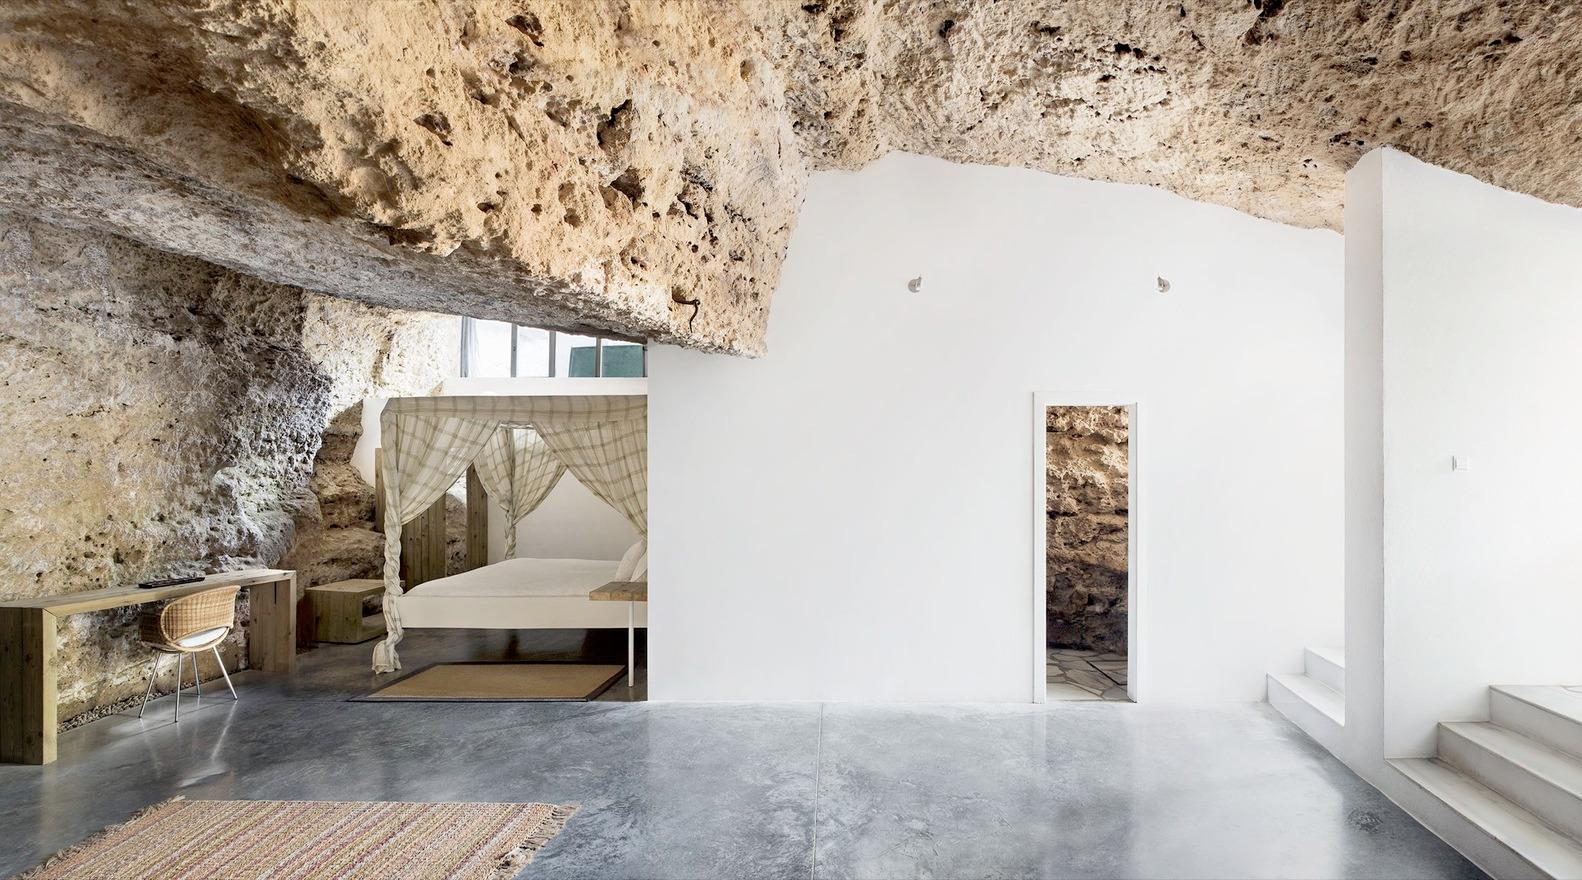 House Cave / UMMO Estudio archi - red_wolf | ello